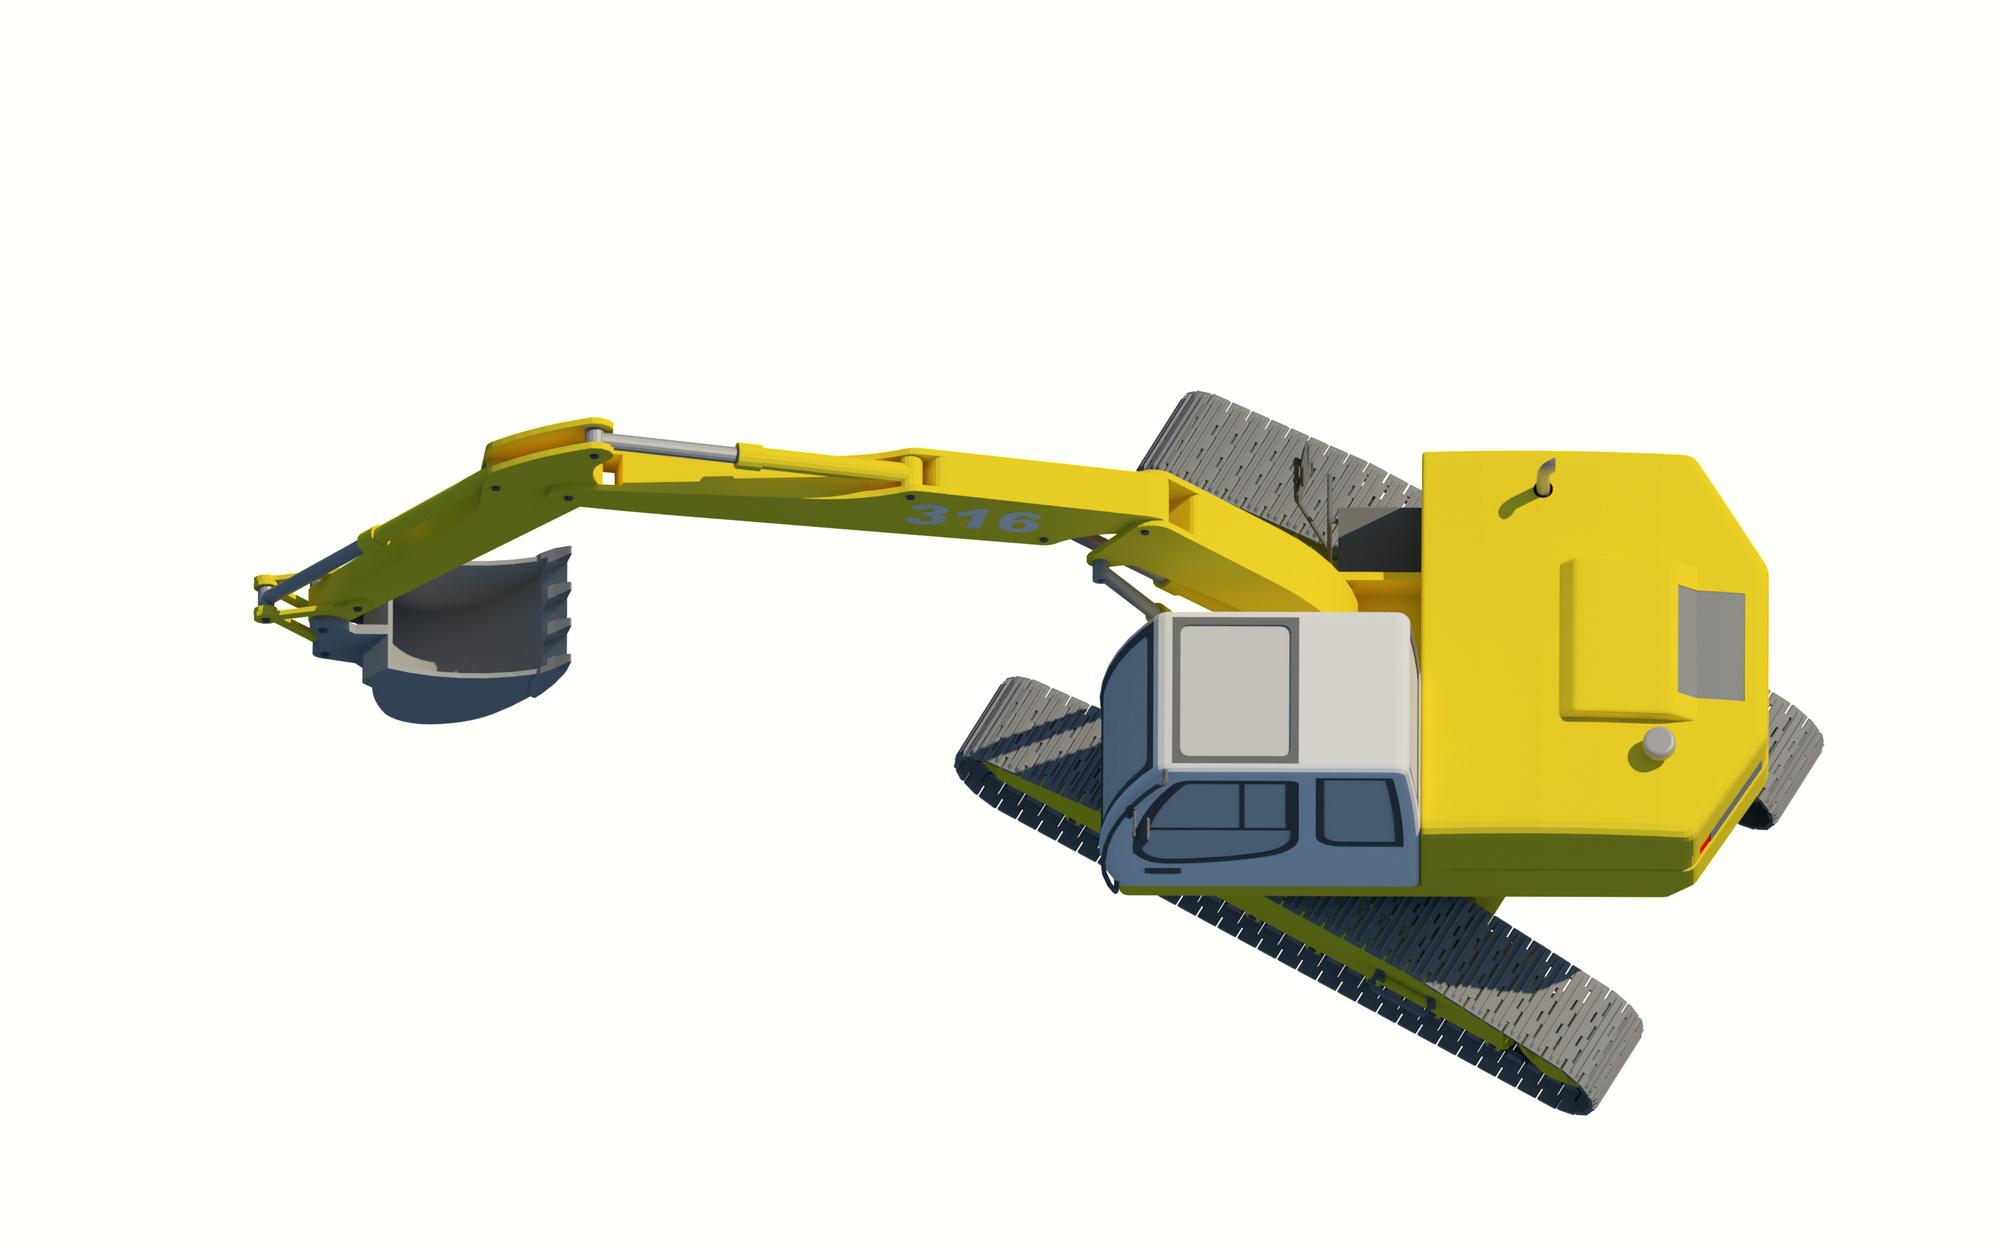 Raas-rendering20150130-9659-txglj2